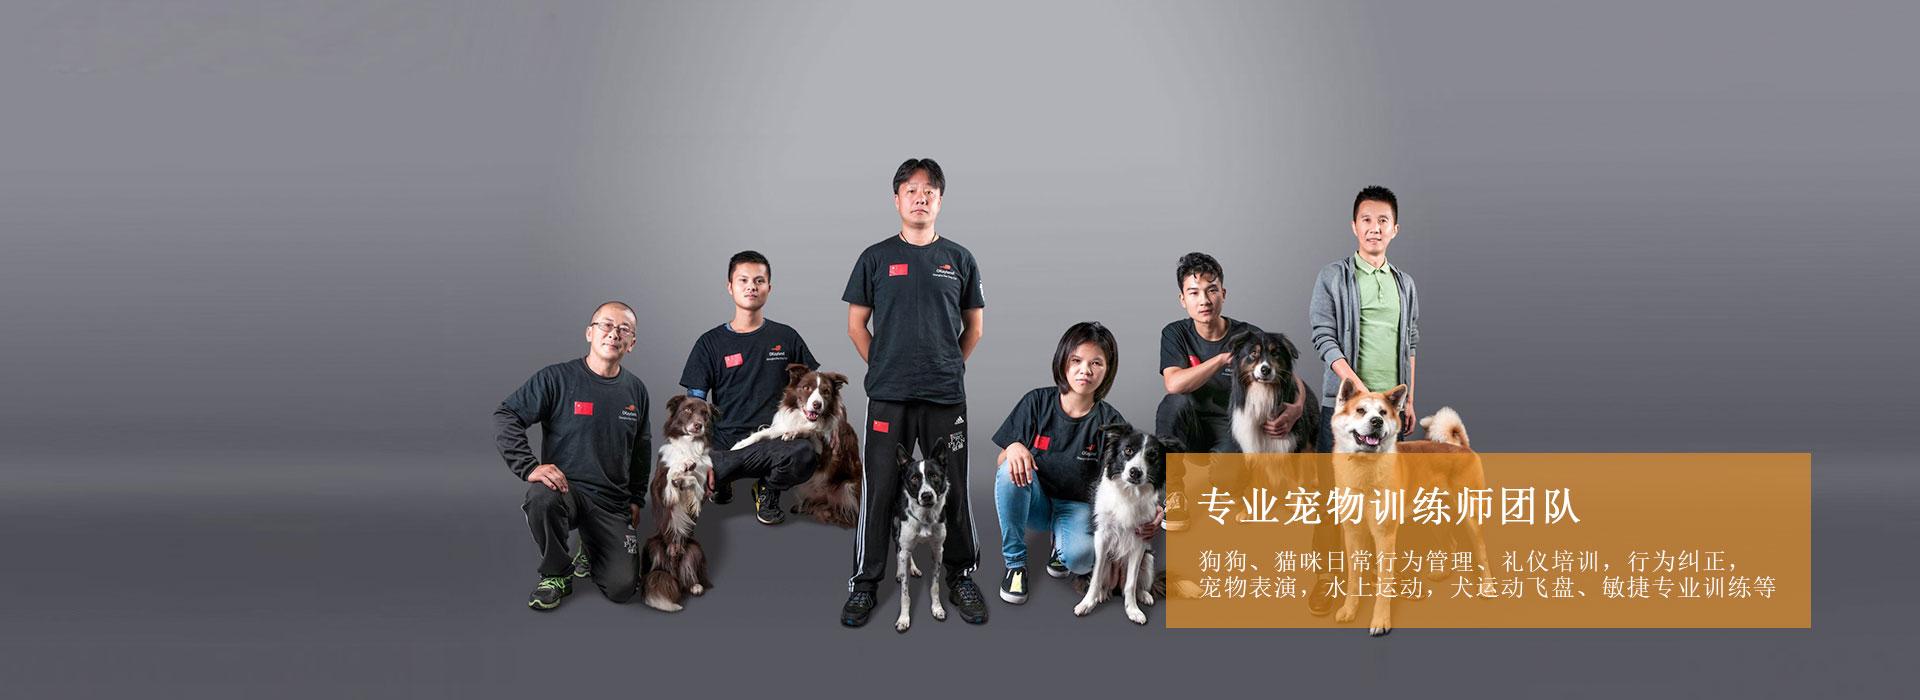 上海宠物训练